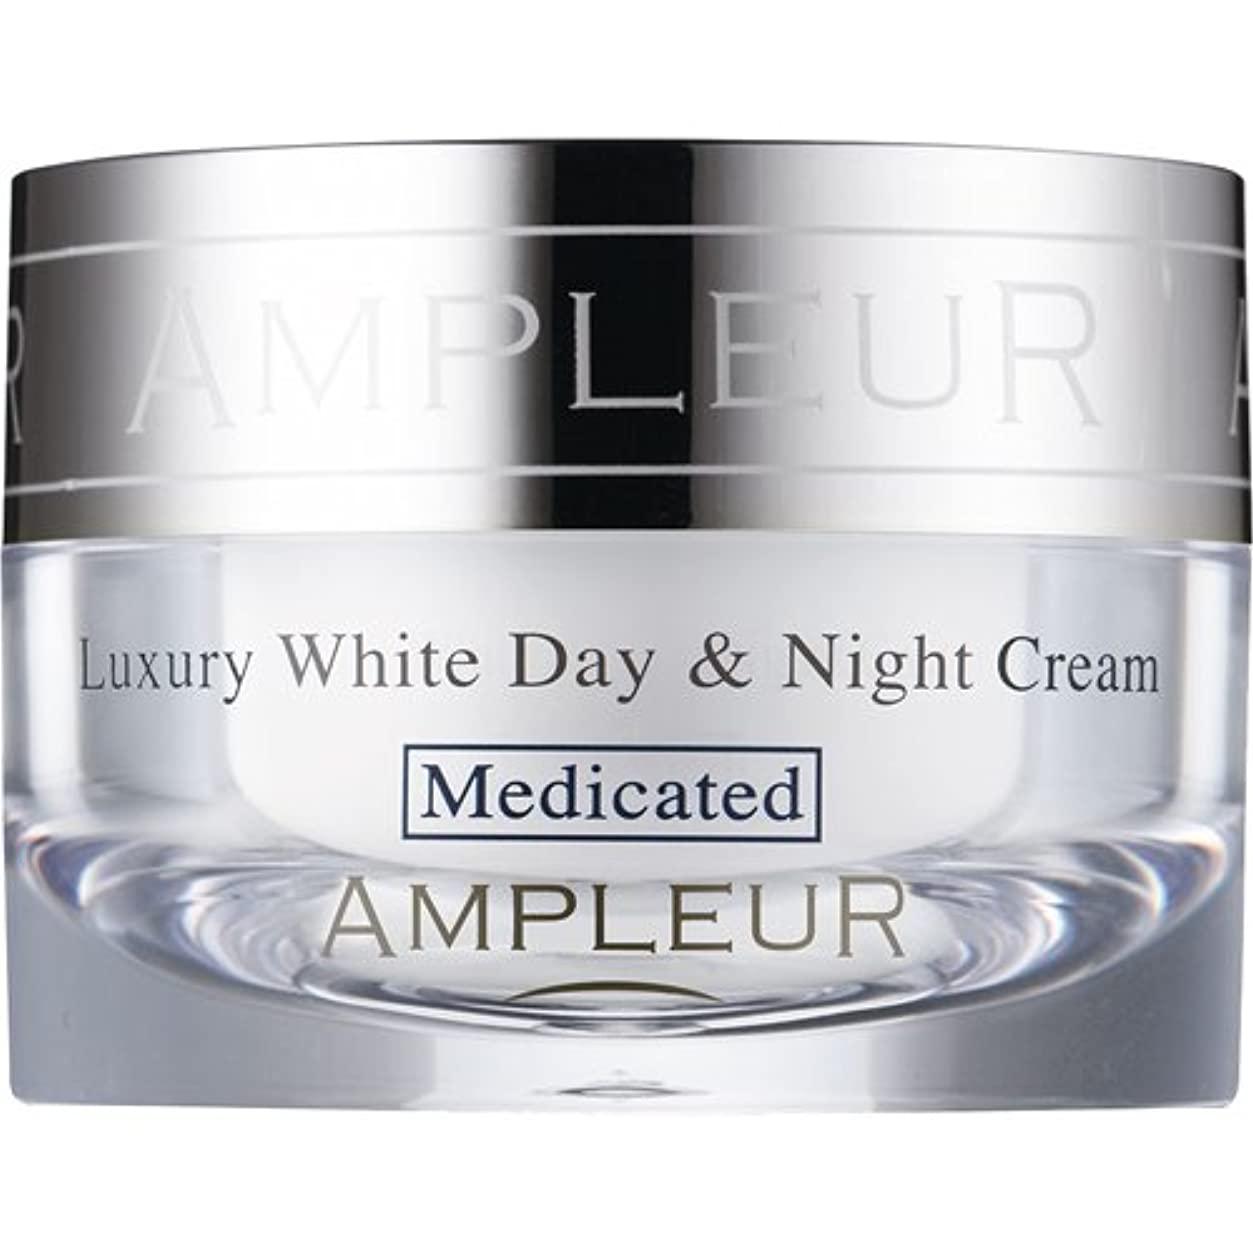 粘性のカタログれんがAMPLEUR(アンプルール) ラグジュアリーホワイト 薬用デイ&ナイトクリーム 30g